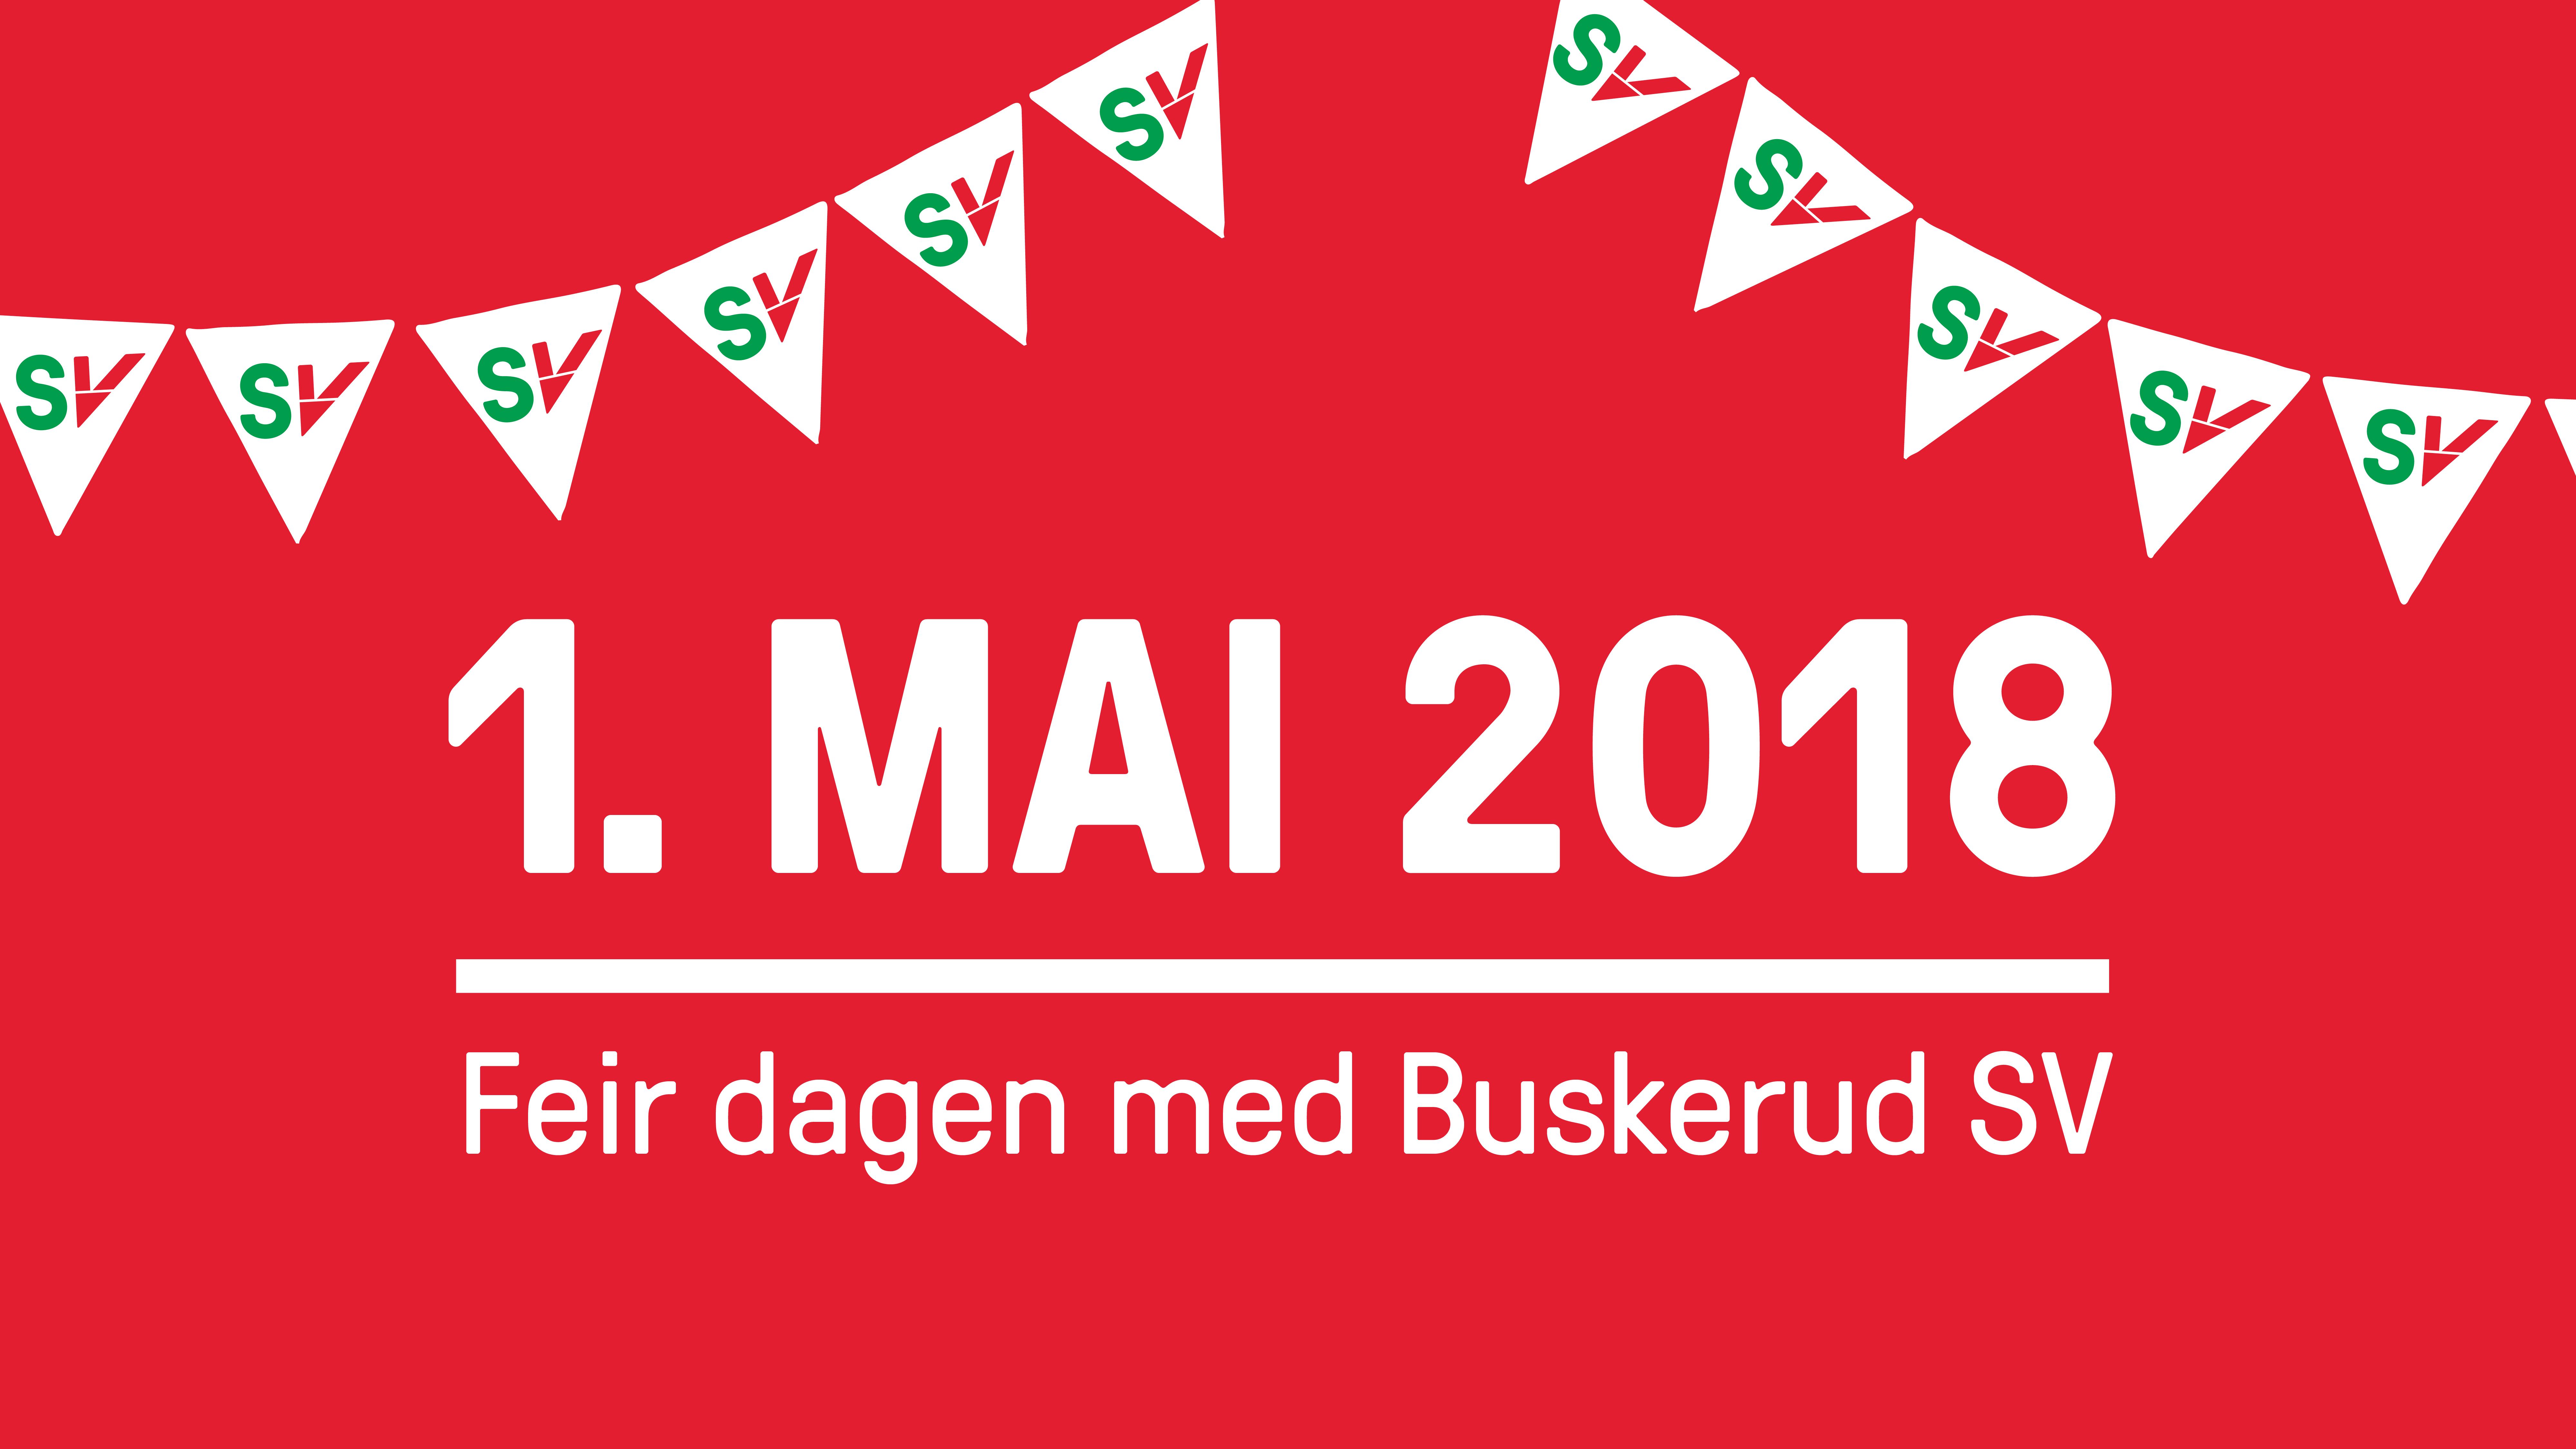 Feir 1. mai med Buskerud SV